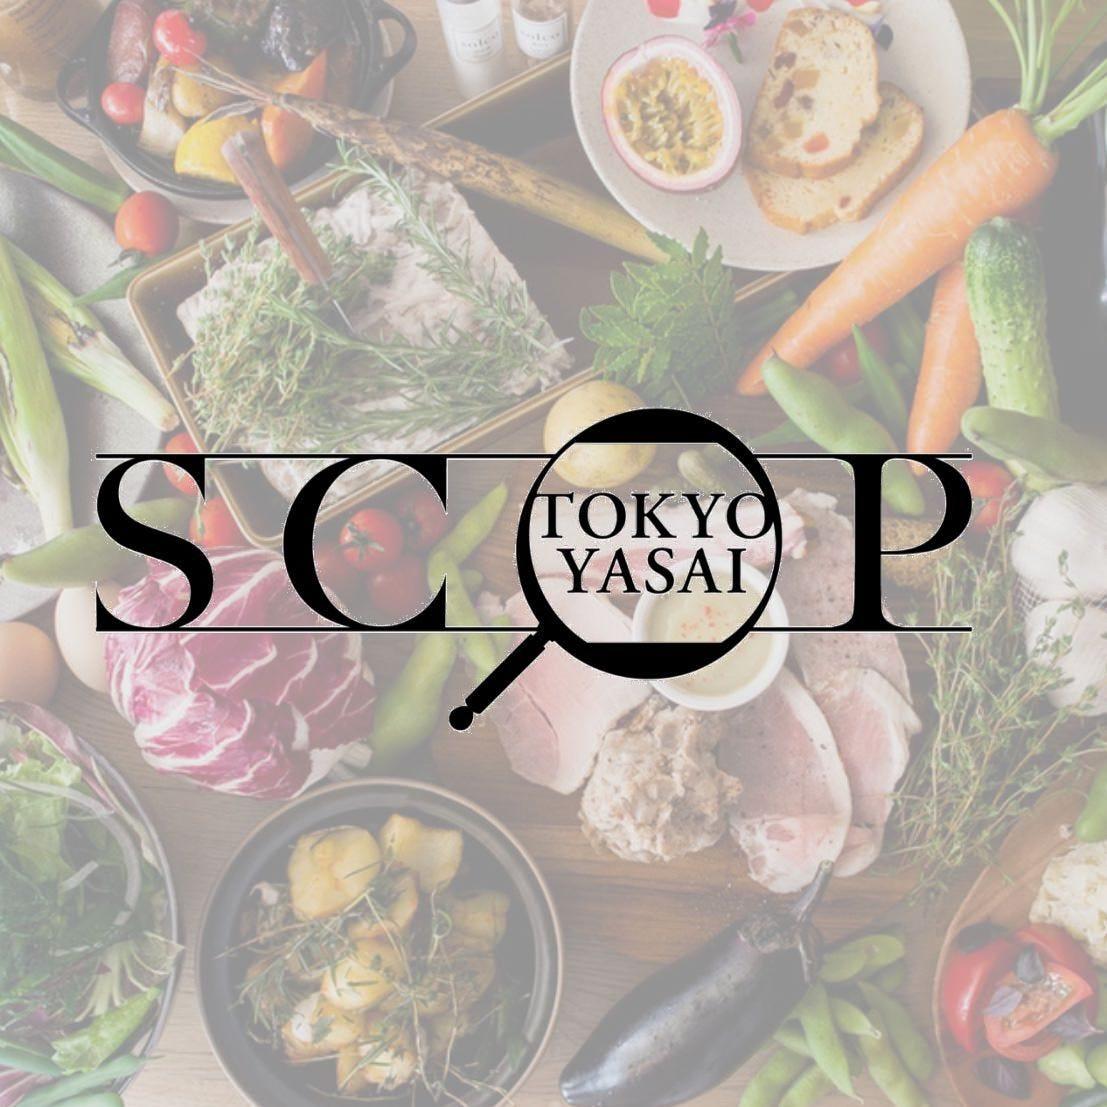 東京野菜キッチンSCOP 赤坂